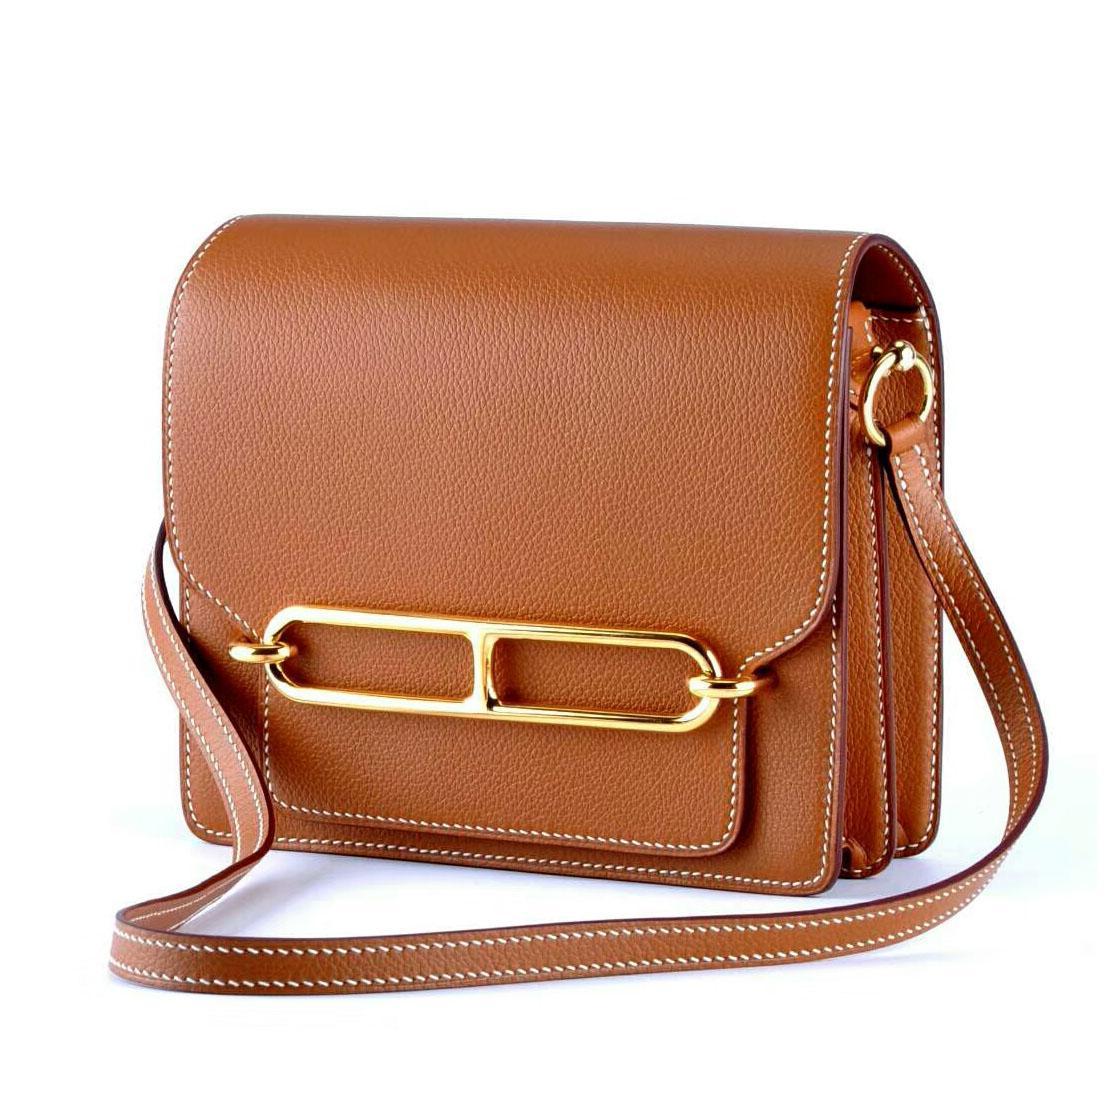 Sac en cuir à la main Femmes 2020 Nouveau cuir Atmospheric Casual épaule Messenger Bag Petit sac Livraison gratuite